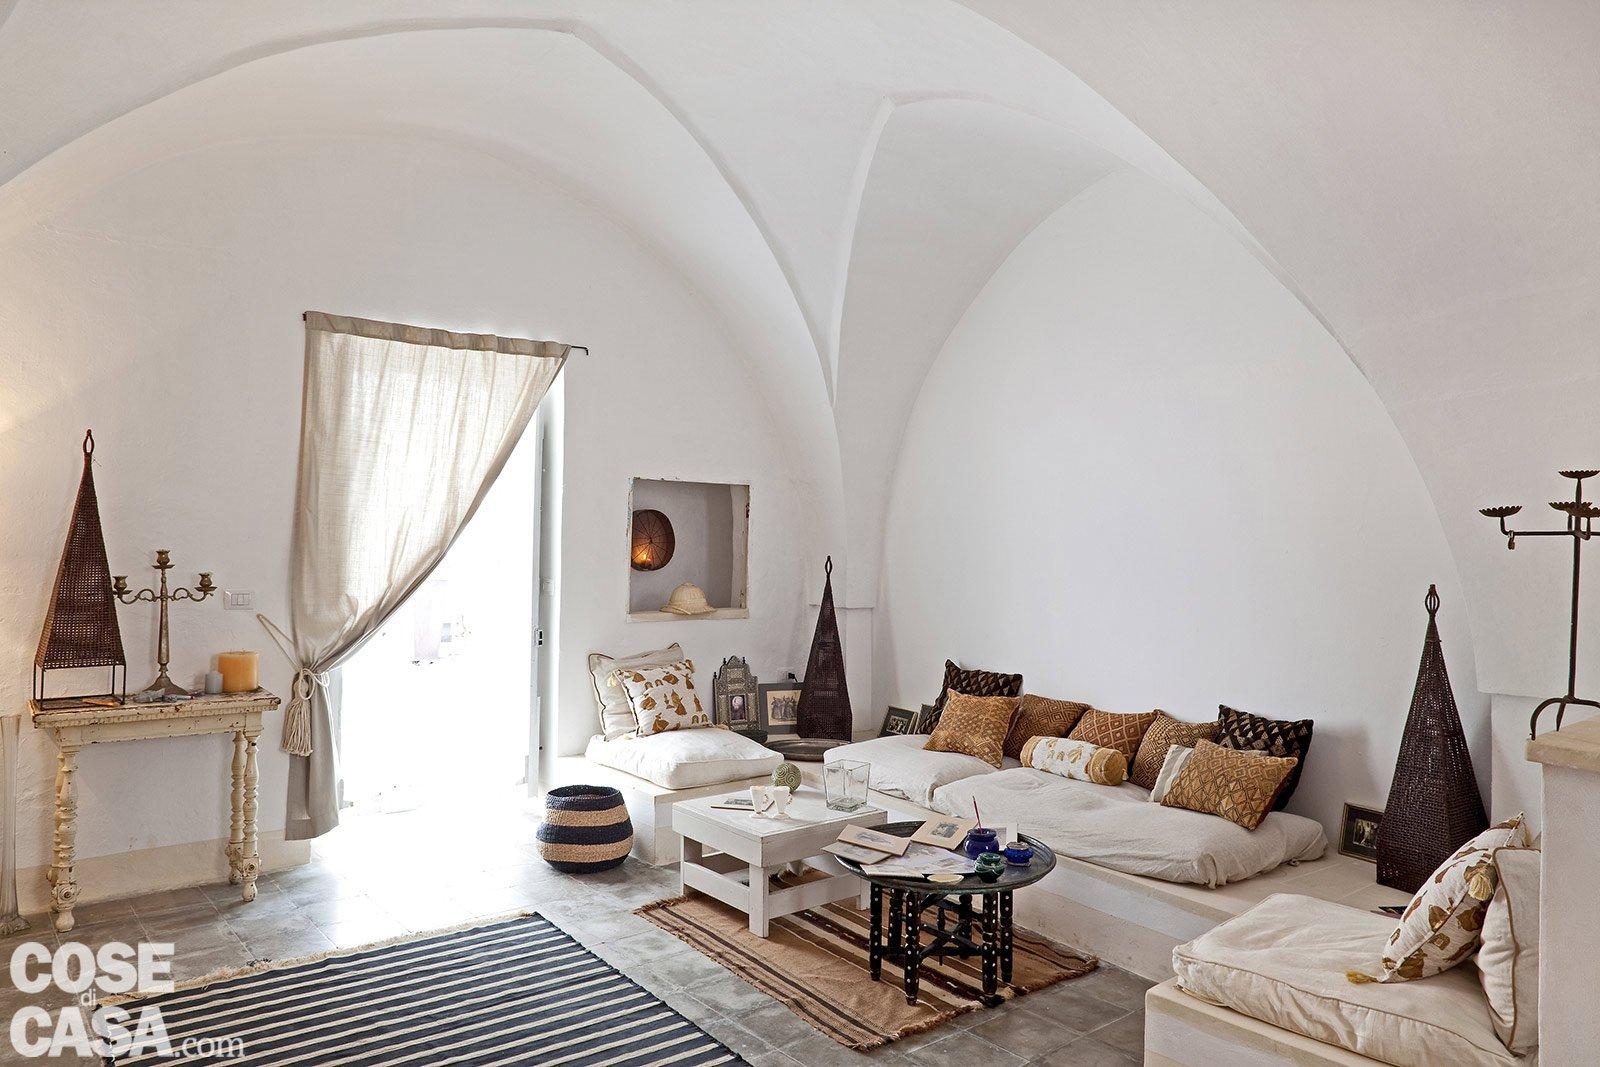 Una casa in pietra in stile mediterraneo cose di casa for Casa in stile